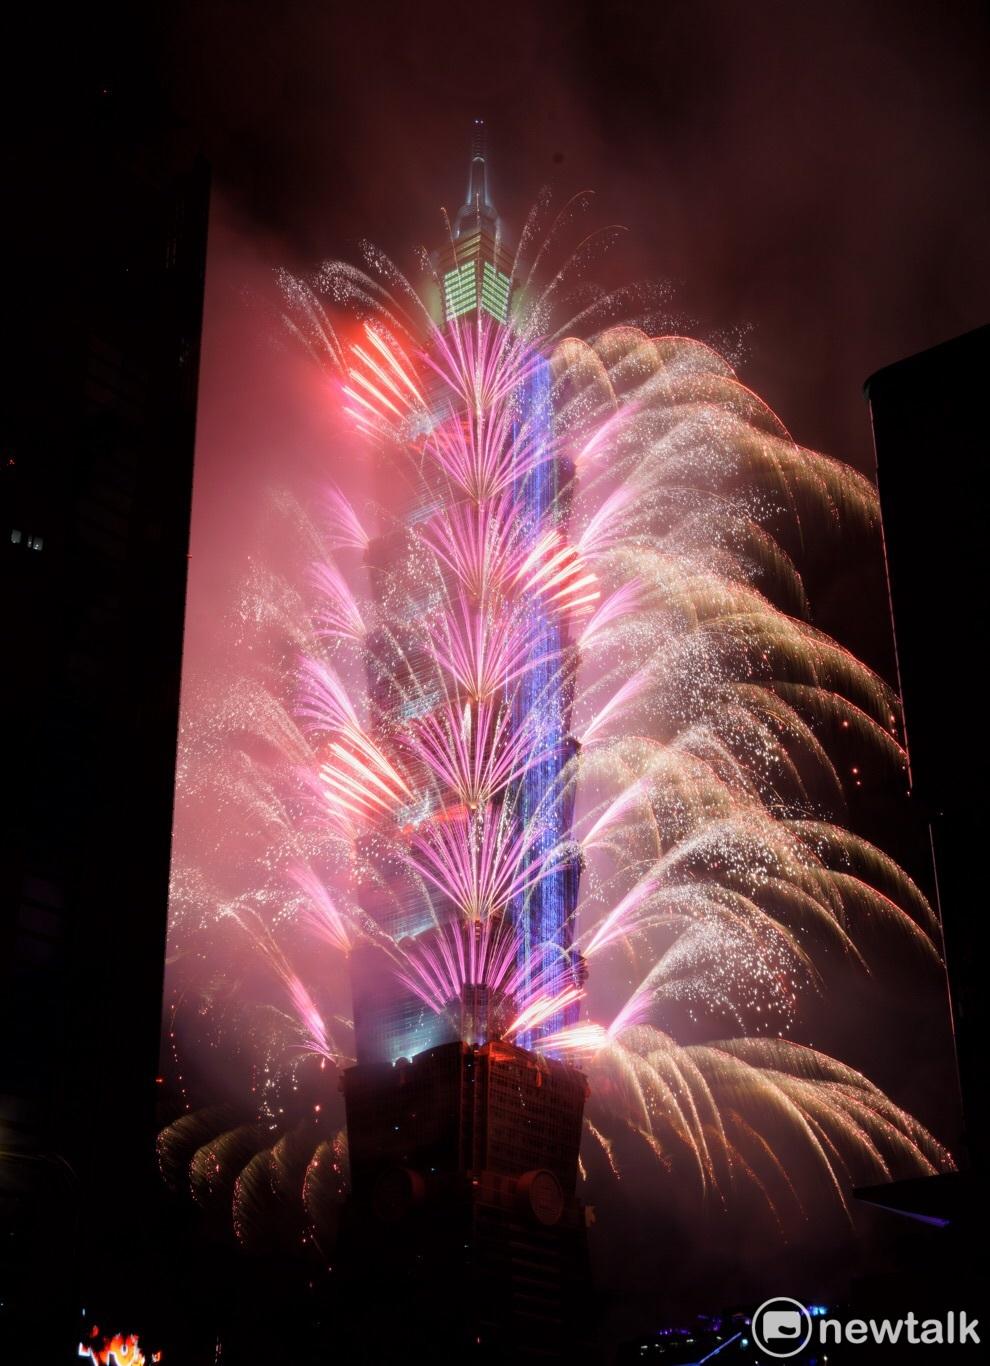 每年都令人期待的台北101跨年活動將邁入第16年,而跨年煙火為101的重頭戲圖 : 張良一 / 攝